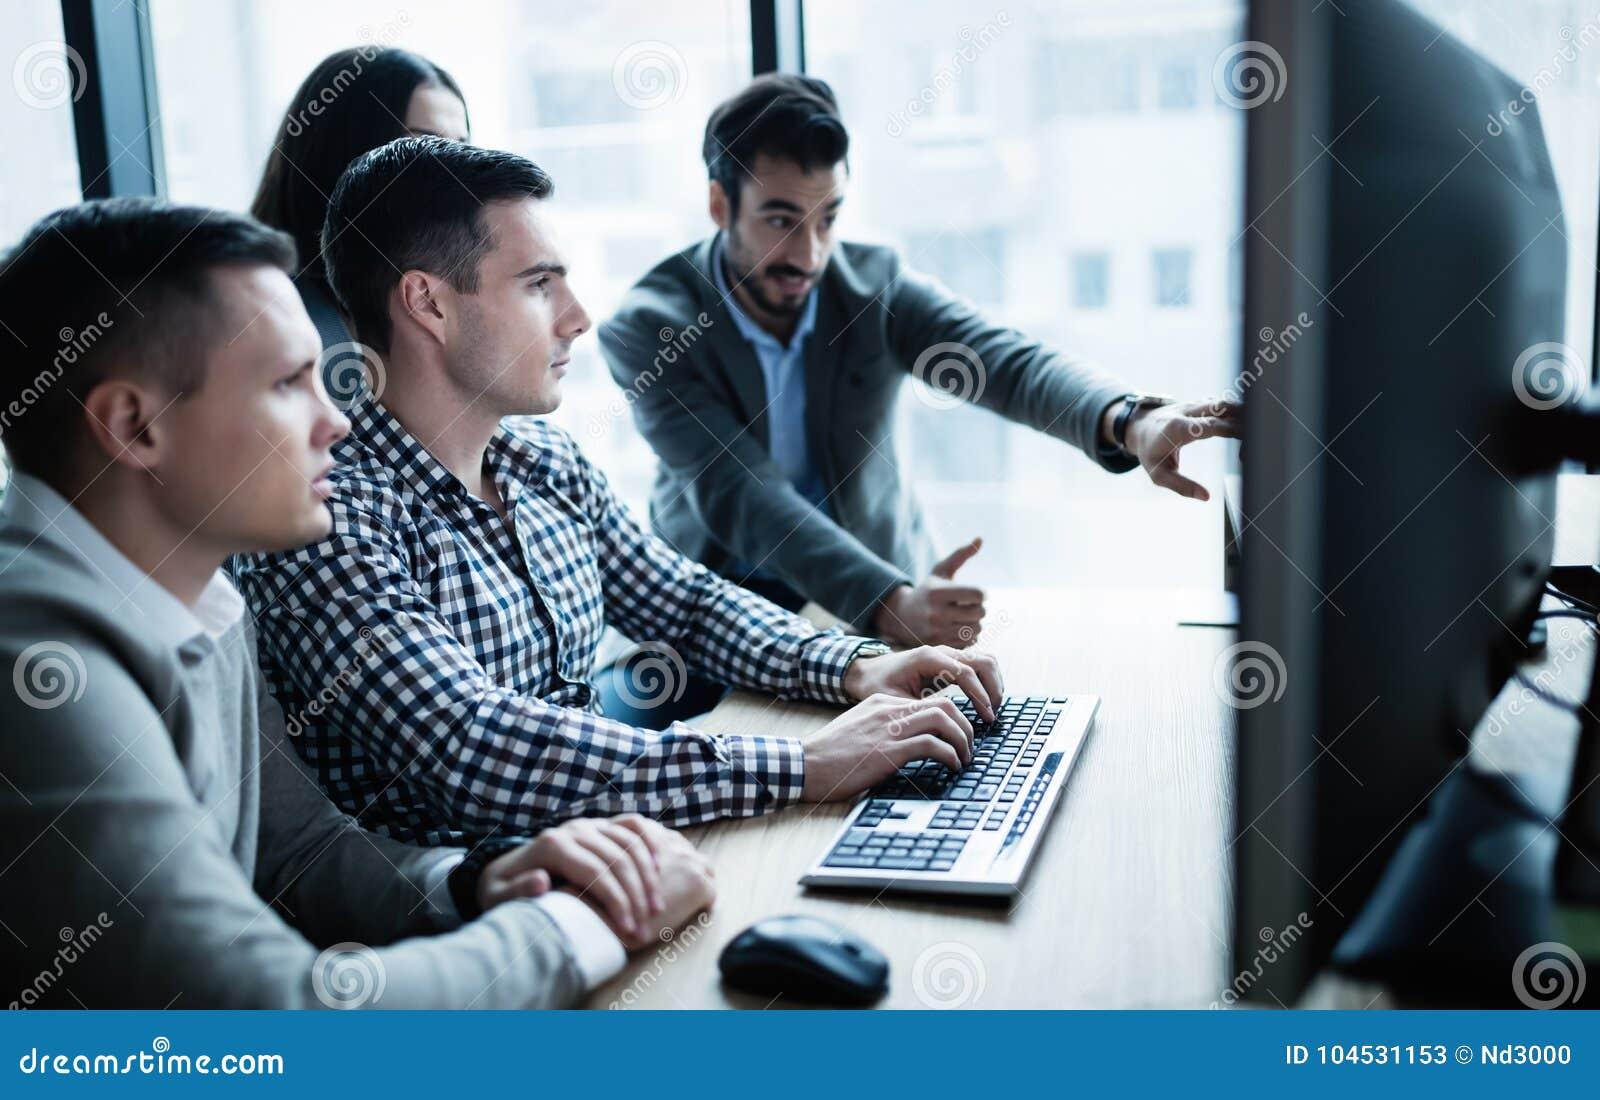 Inżyniery oprogramowania pracuje w biurze na projekcie wpólnie